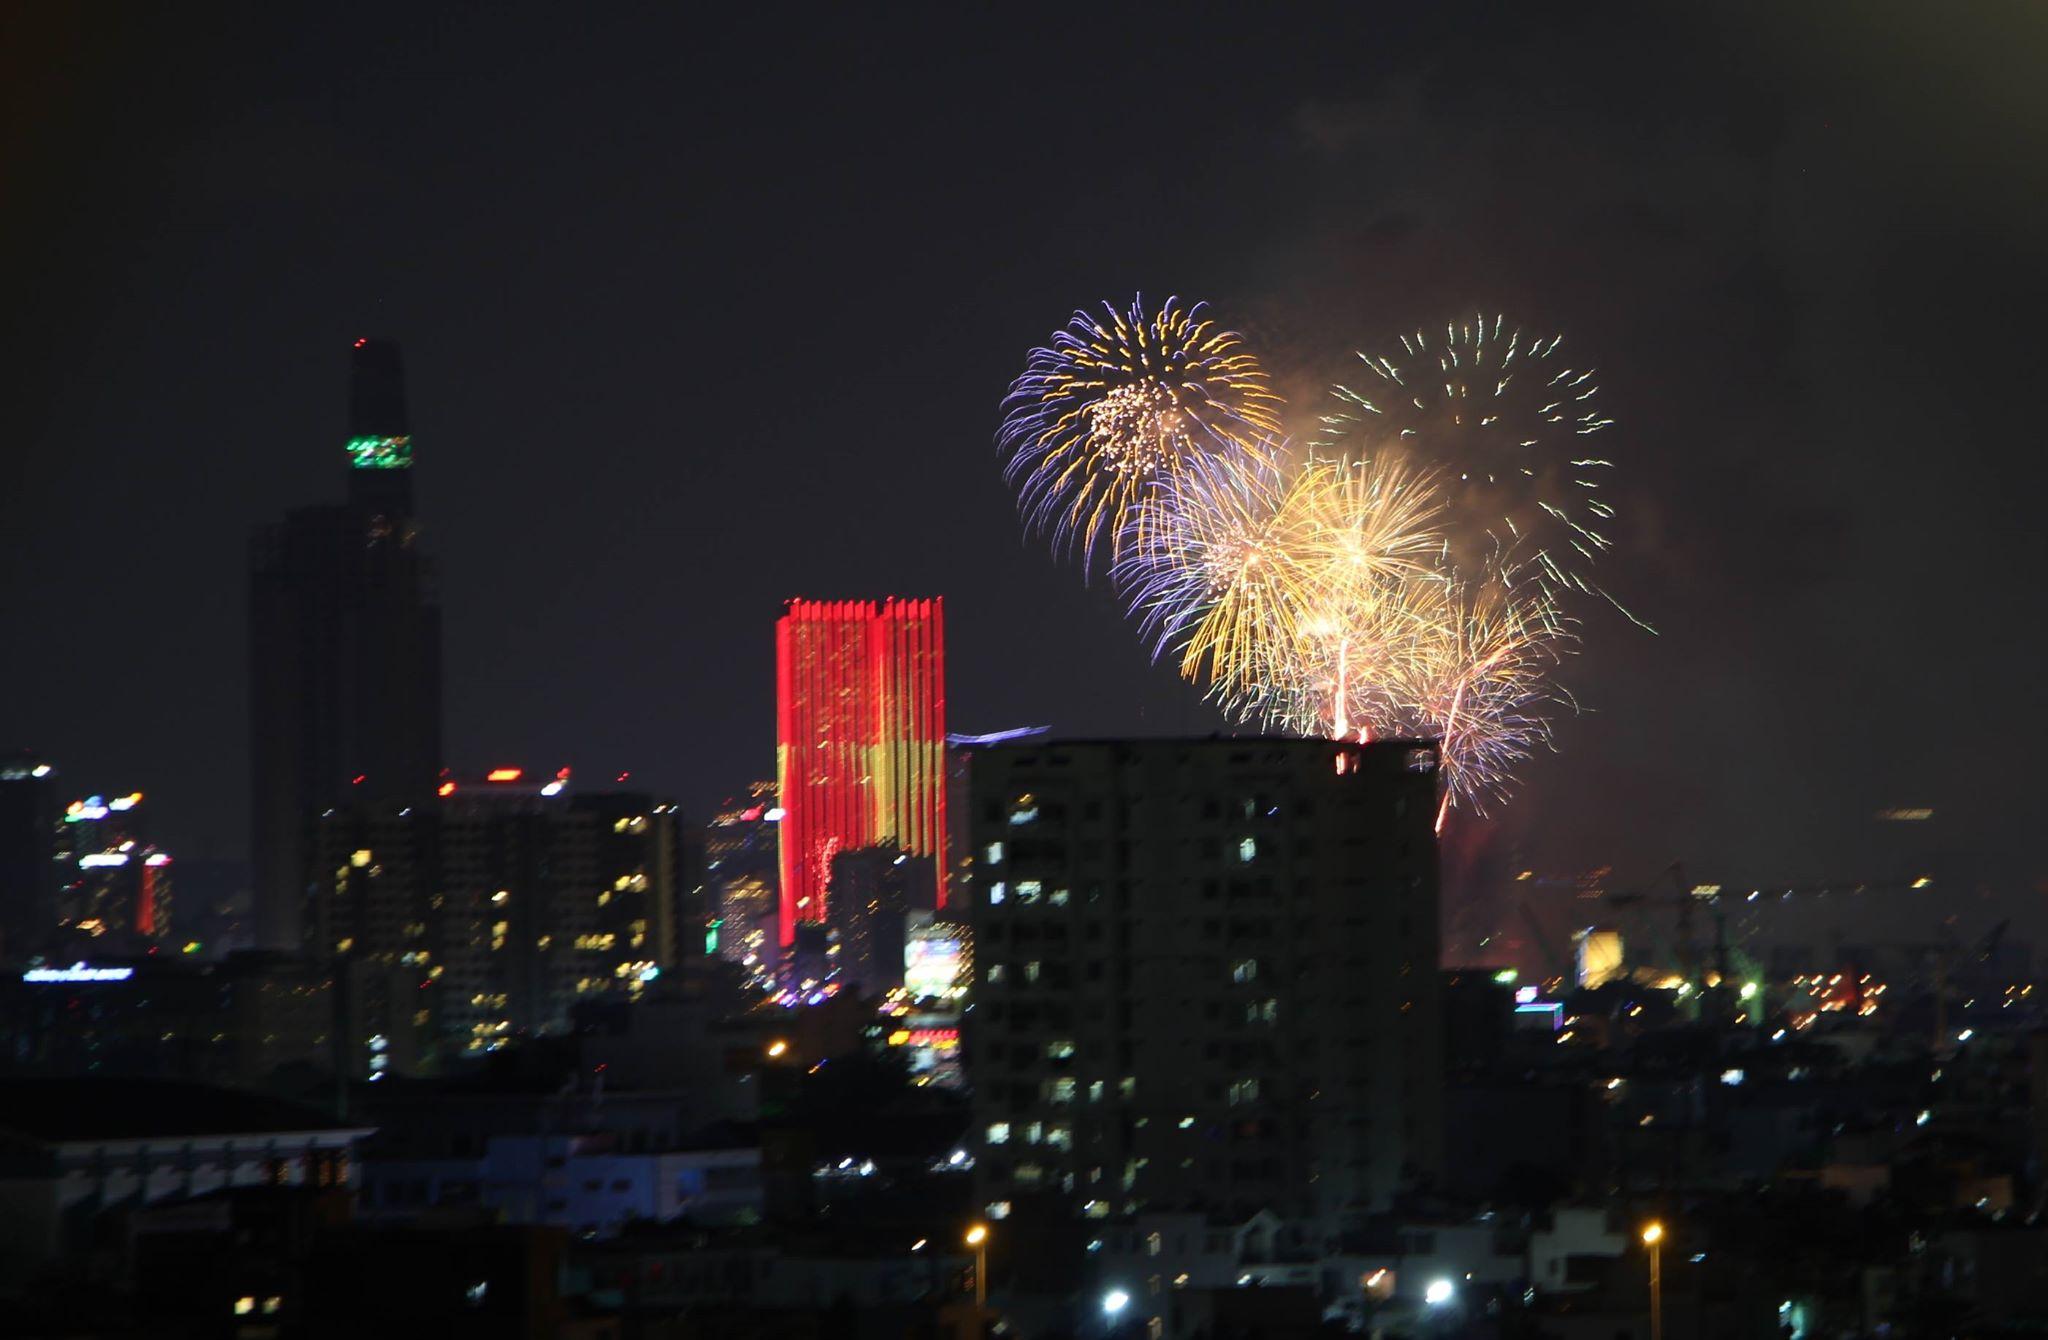 Pháo hoa rực sáng trên bầu trời Sài Gòn mừng lễ 30/4-8